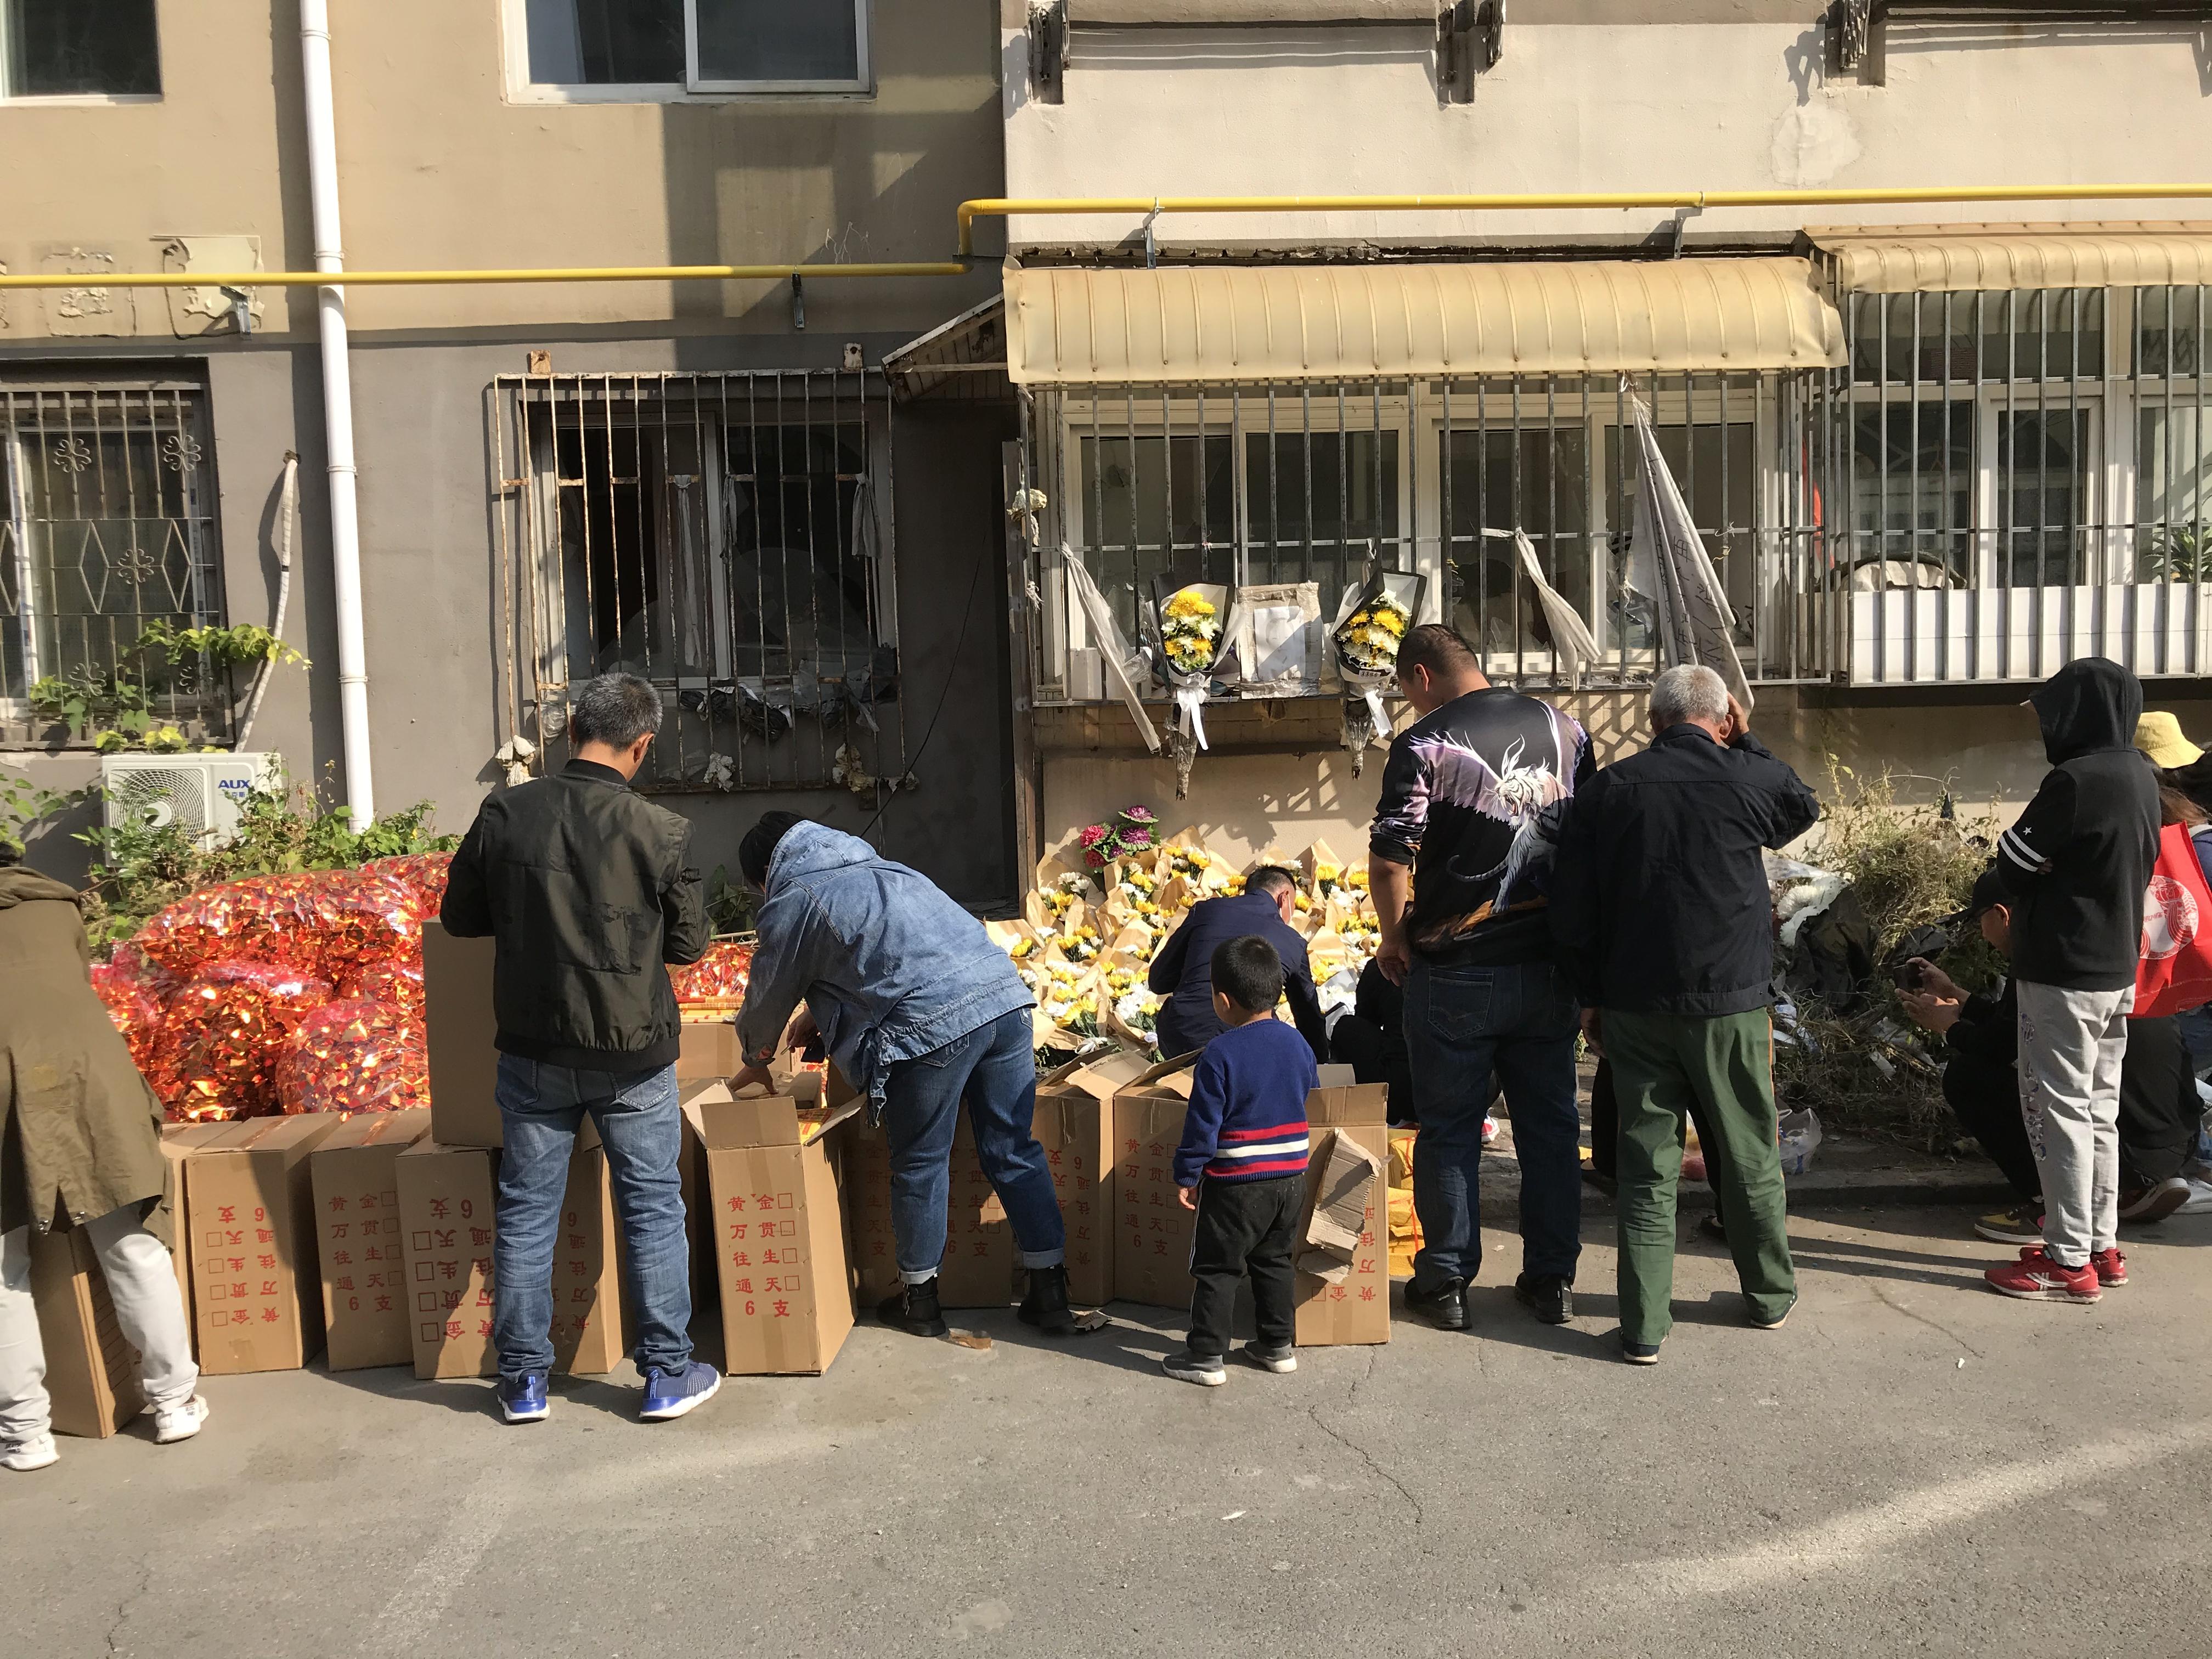 事发现场凶手蔡某某的家门前,现场堆满了前来吊唁的人送来的黄白色鲜花和贡品纸钱。